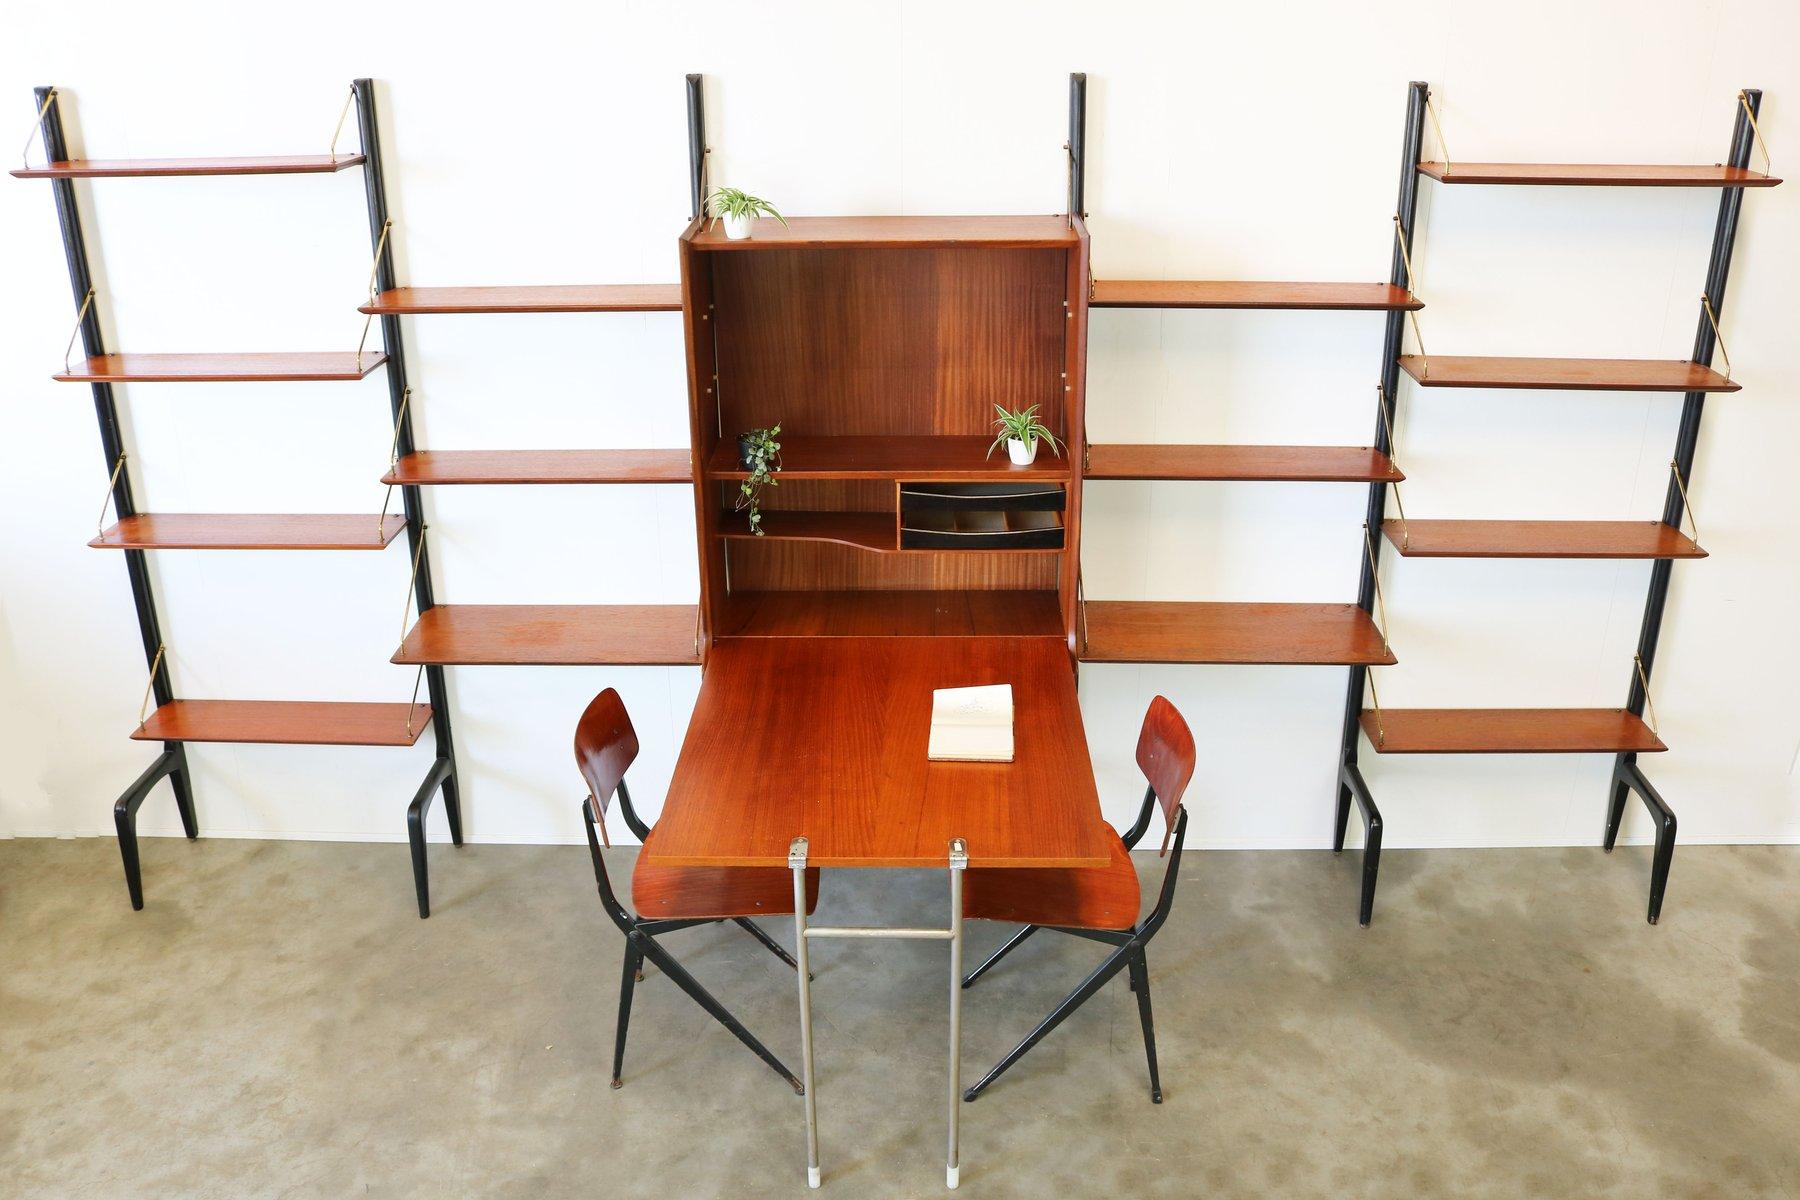 gro es wandregal aus teak messing mit schreibtisch von louis van teeffelen f r w be 1950er. Black Bedroom Furniture Sets. Home Design Ideas